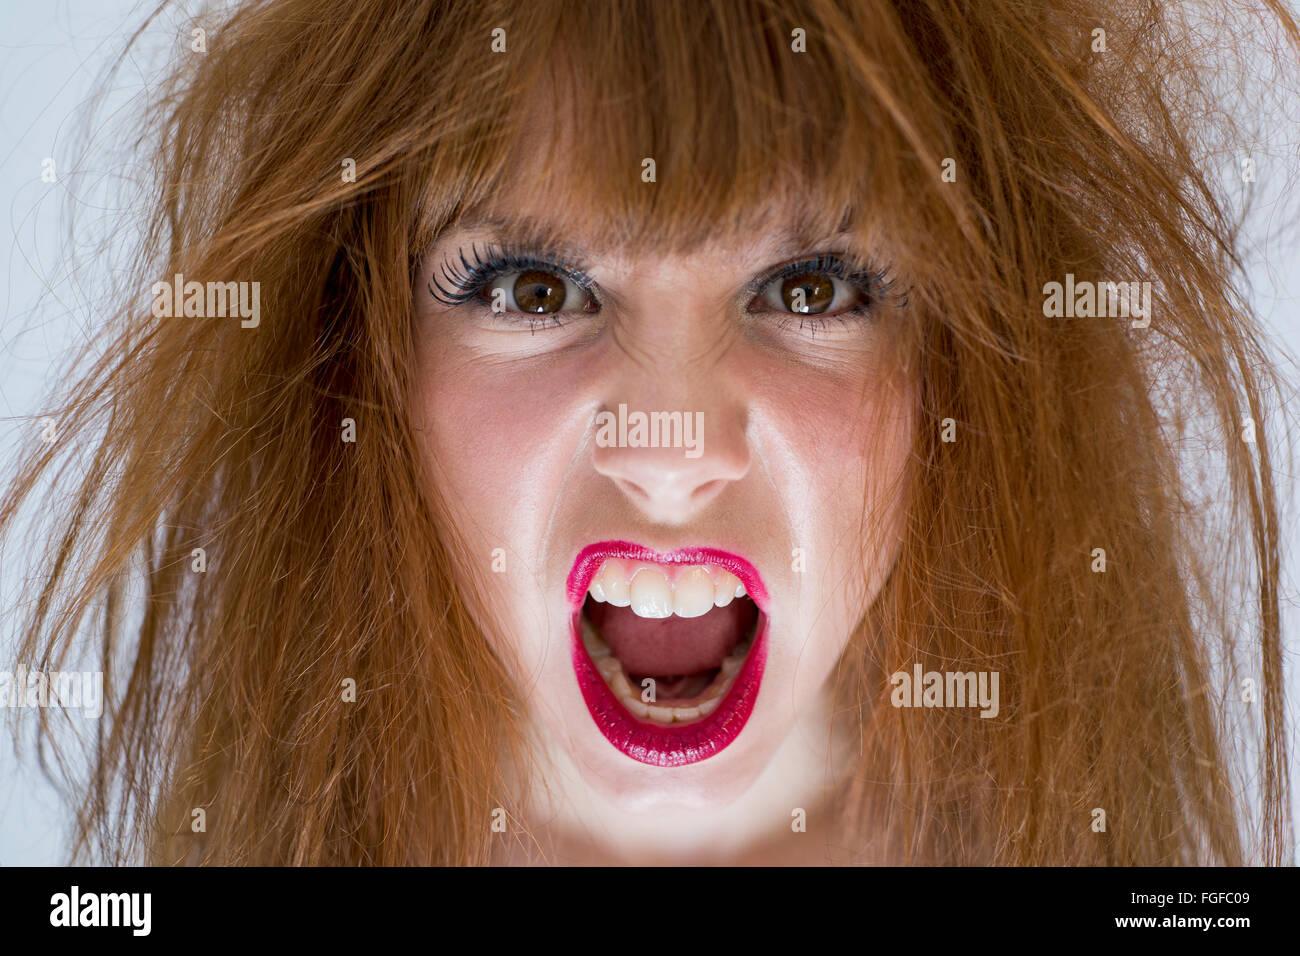 Ritratto di una donna con disordinati capelli disheveled con un espressione di rabbia Immagini Stock